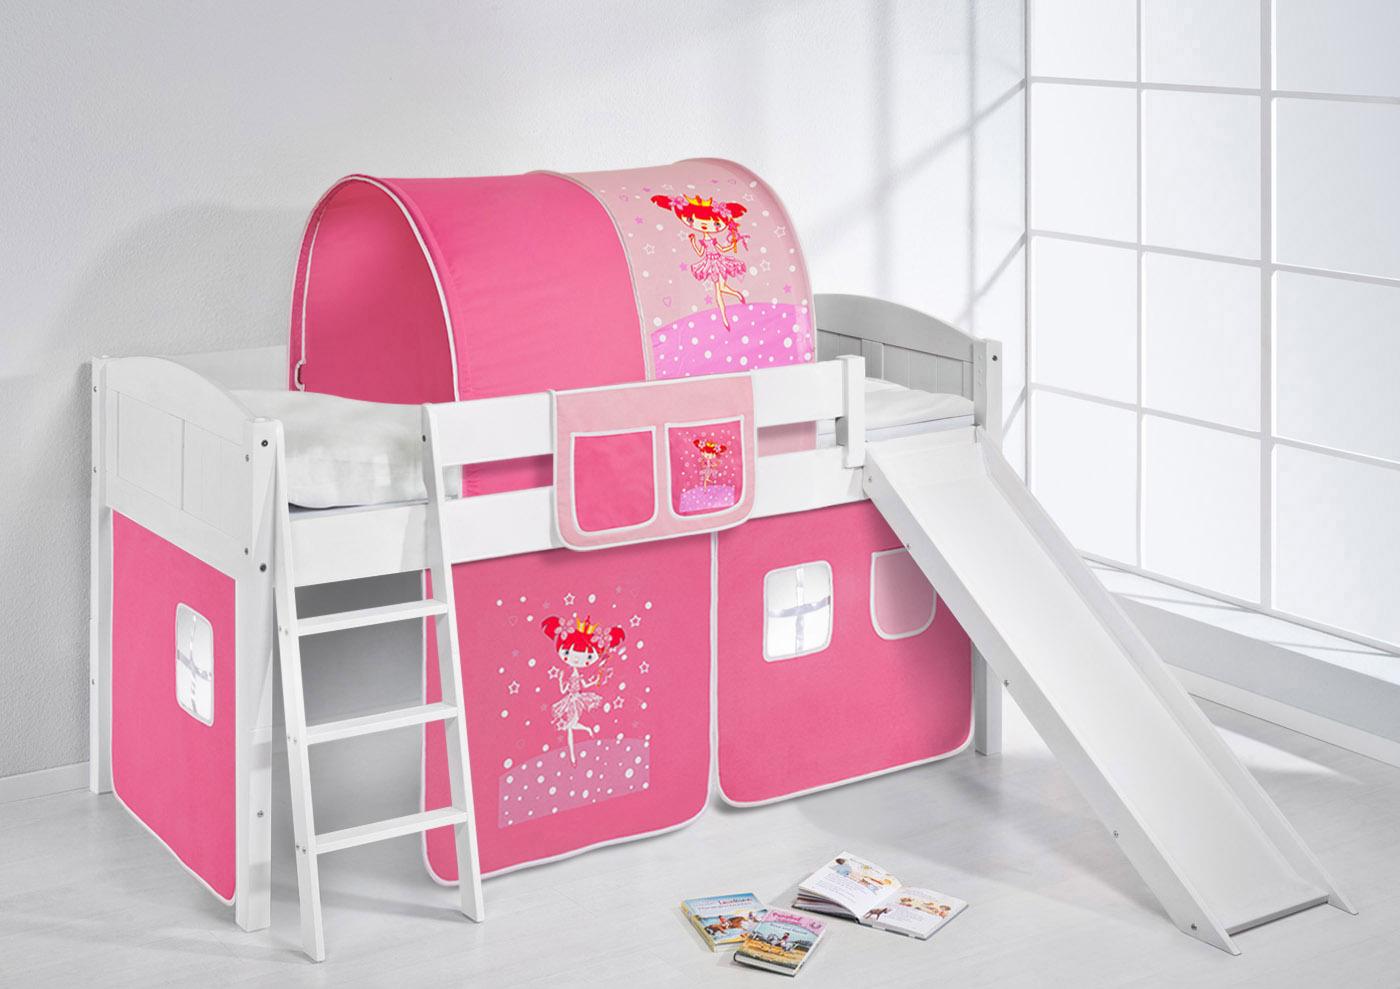 Einzelbett kinder  Spielbett Hochbett Kinderbett Kinder Bett mit Rutsche umbaubar ...